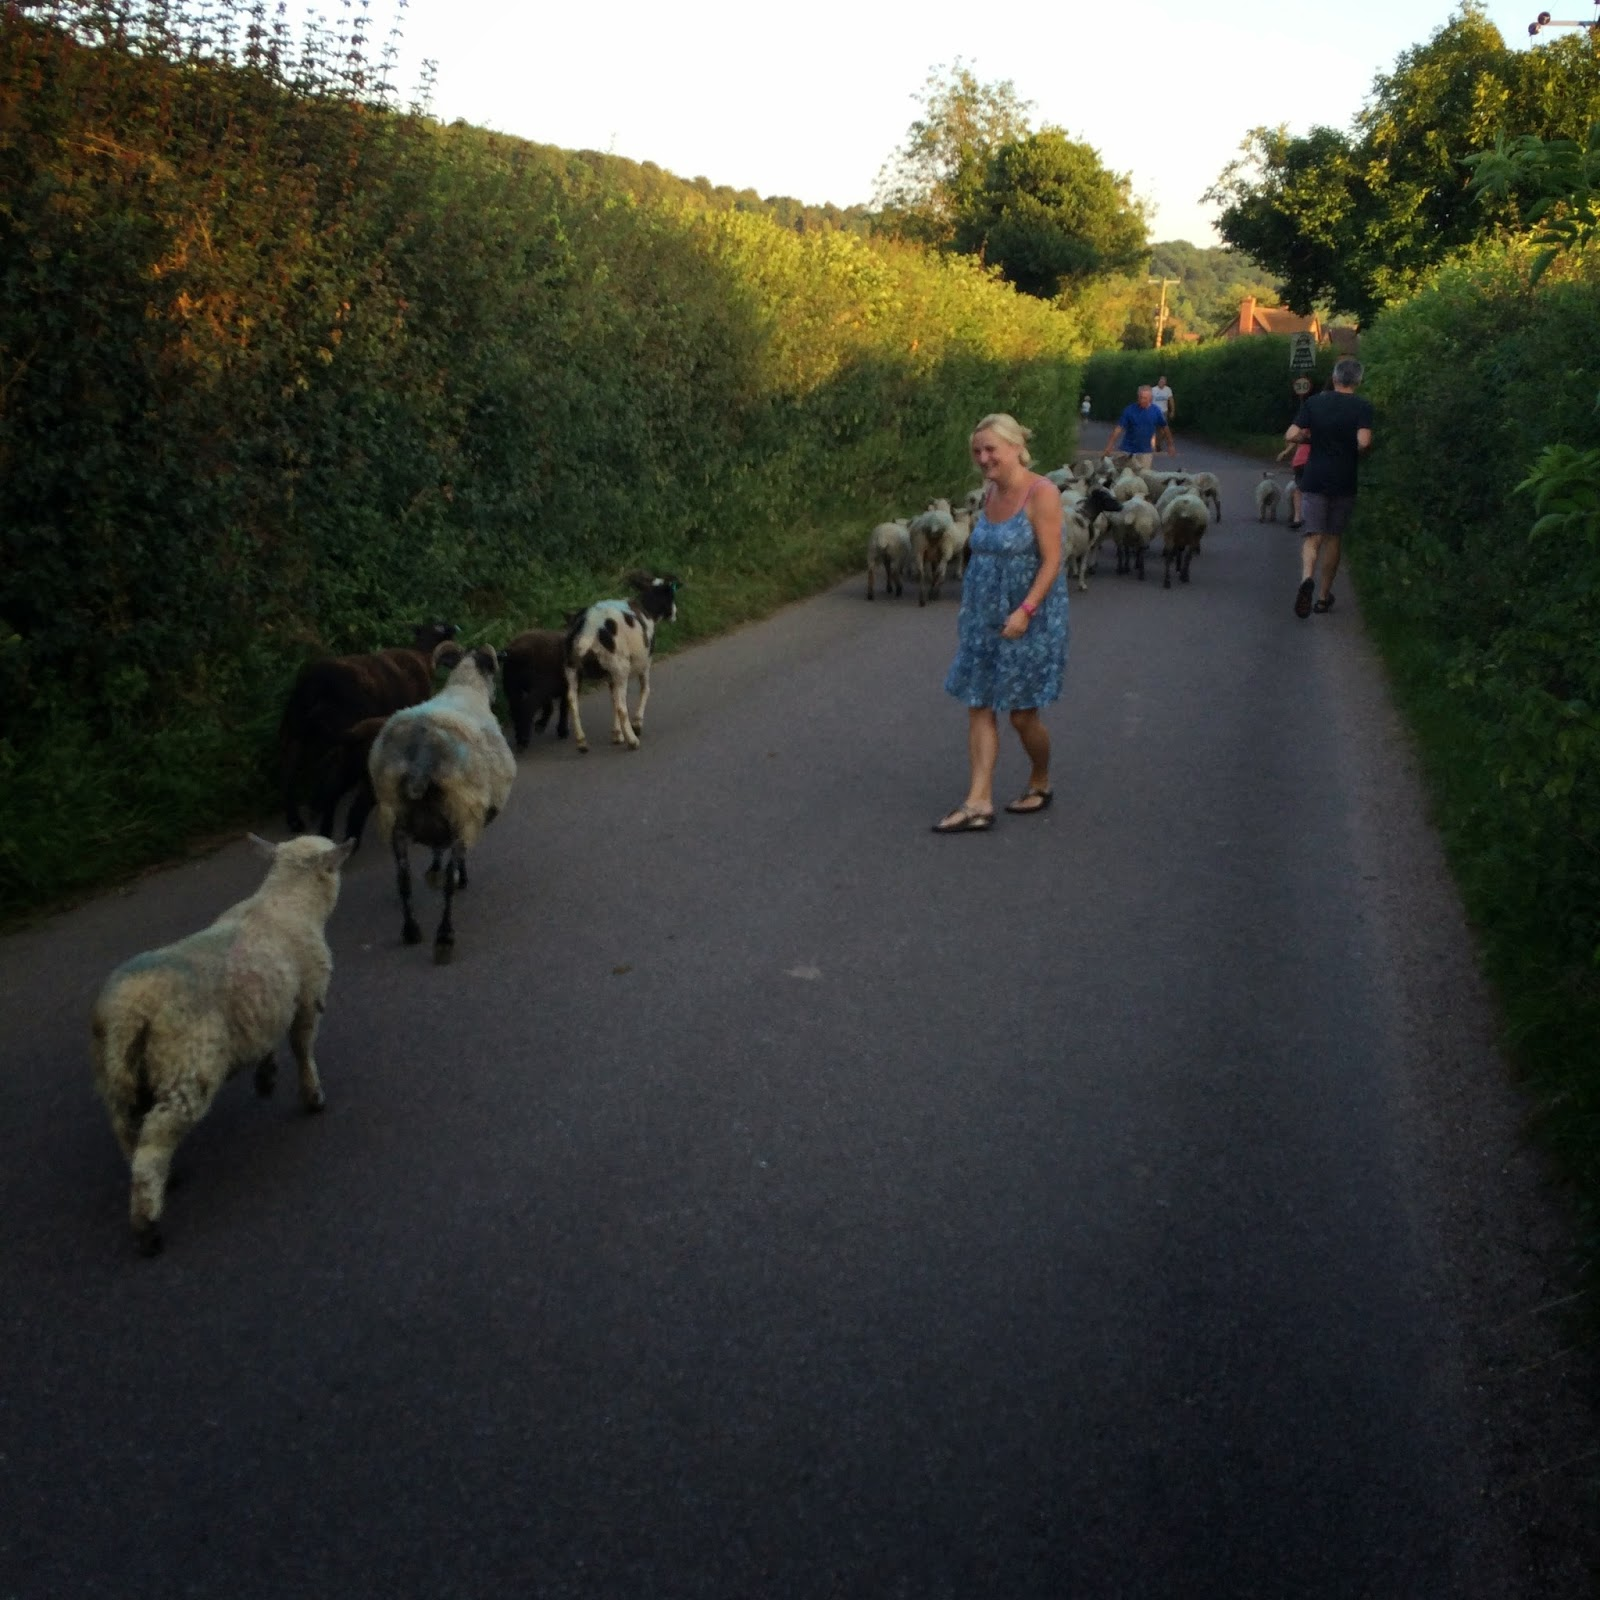 madmumof7 shepherding